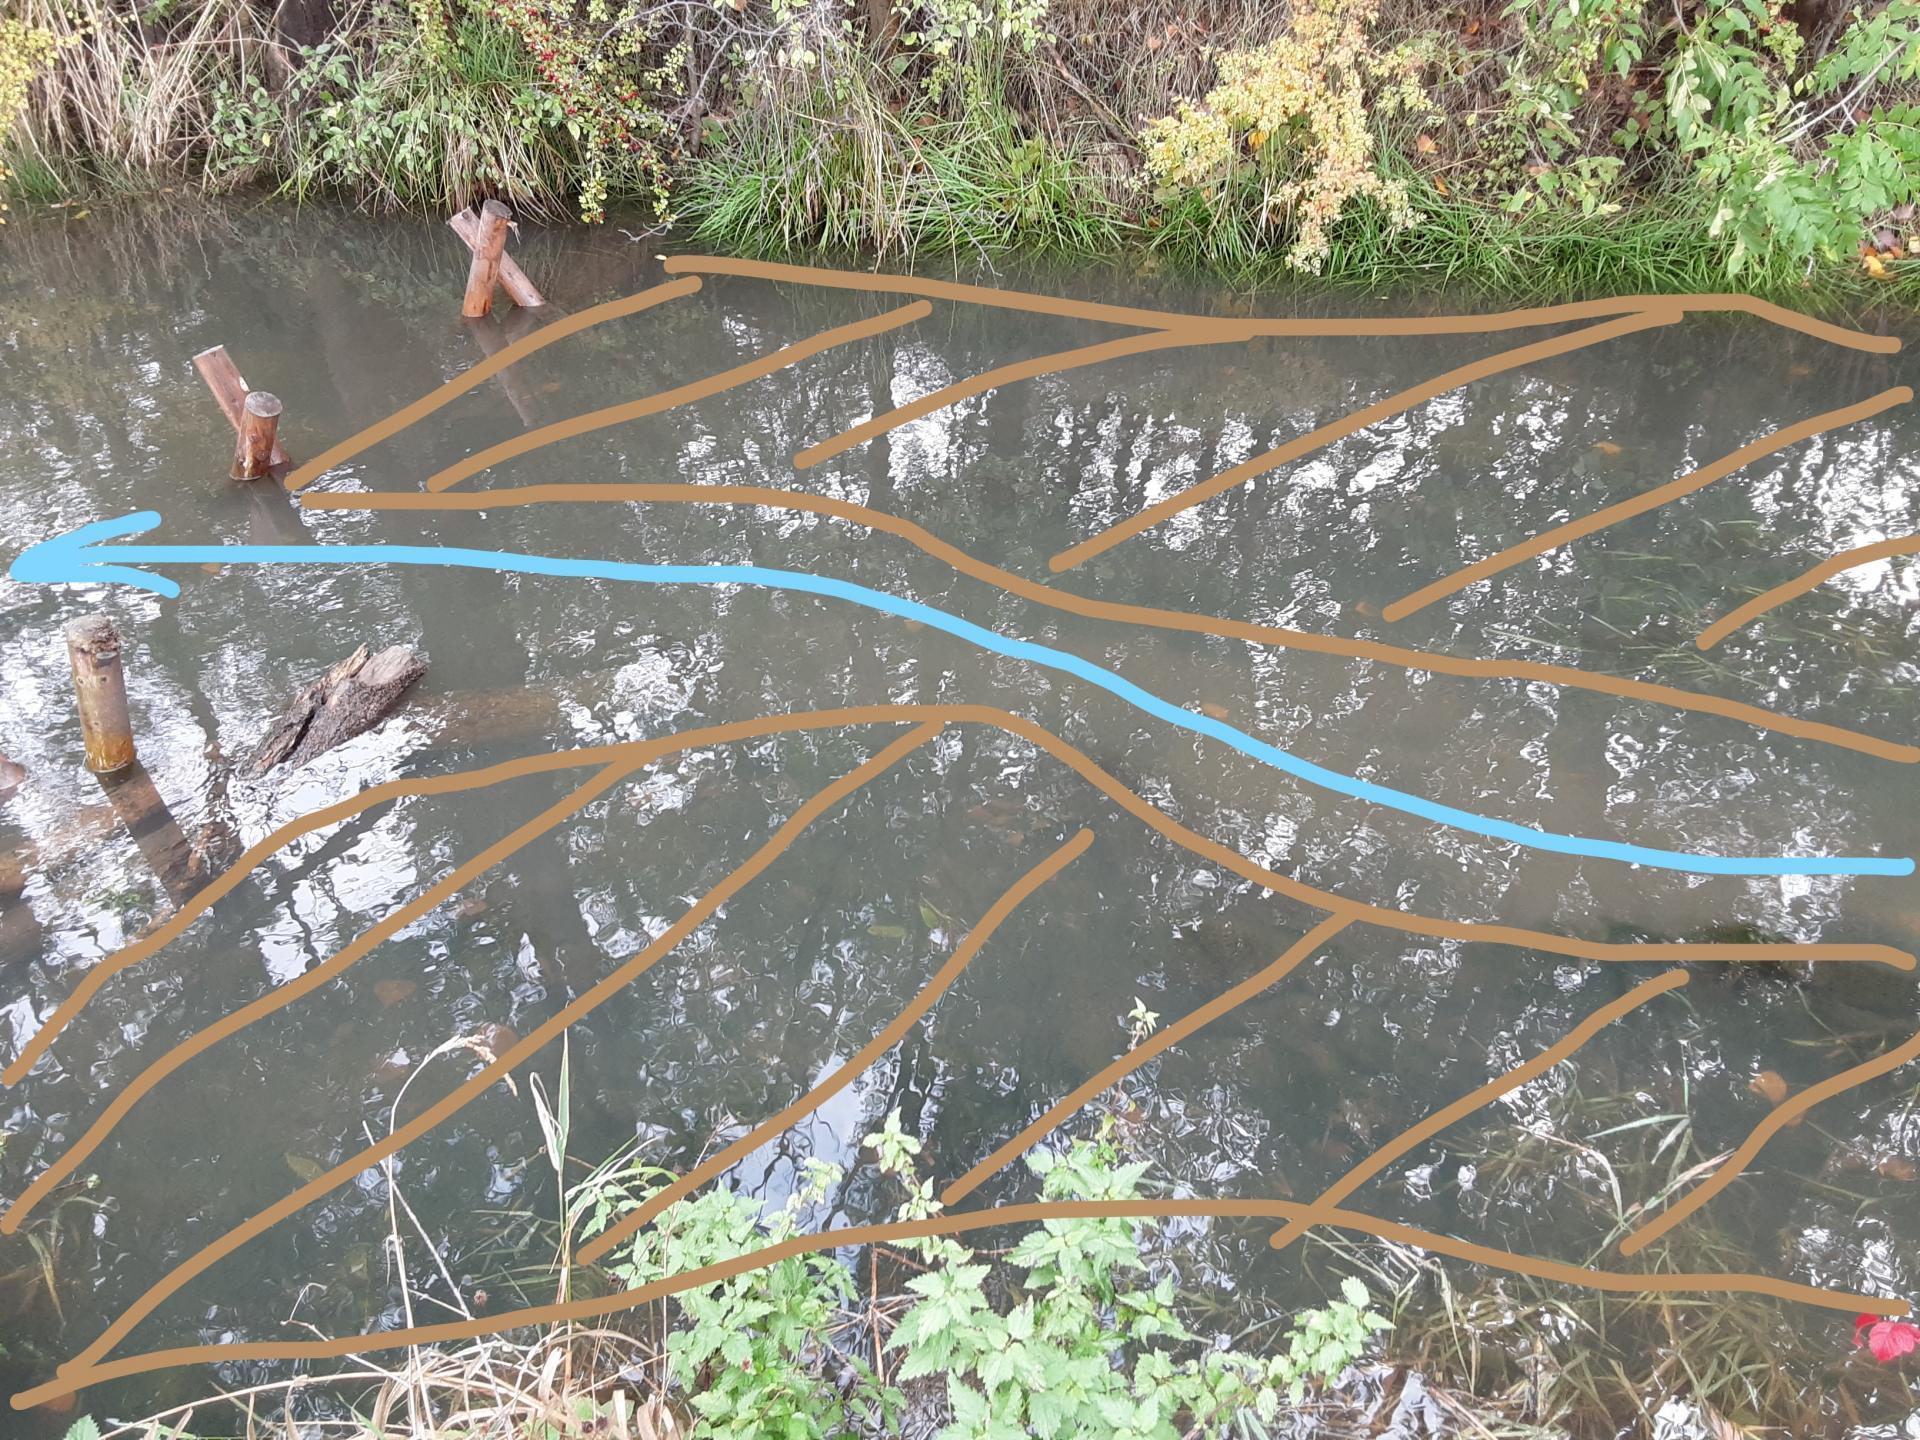 sich entwickelnde Strömungsdiversität am Gewässer